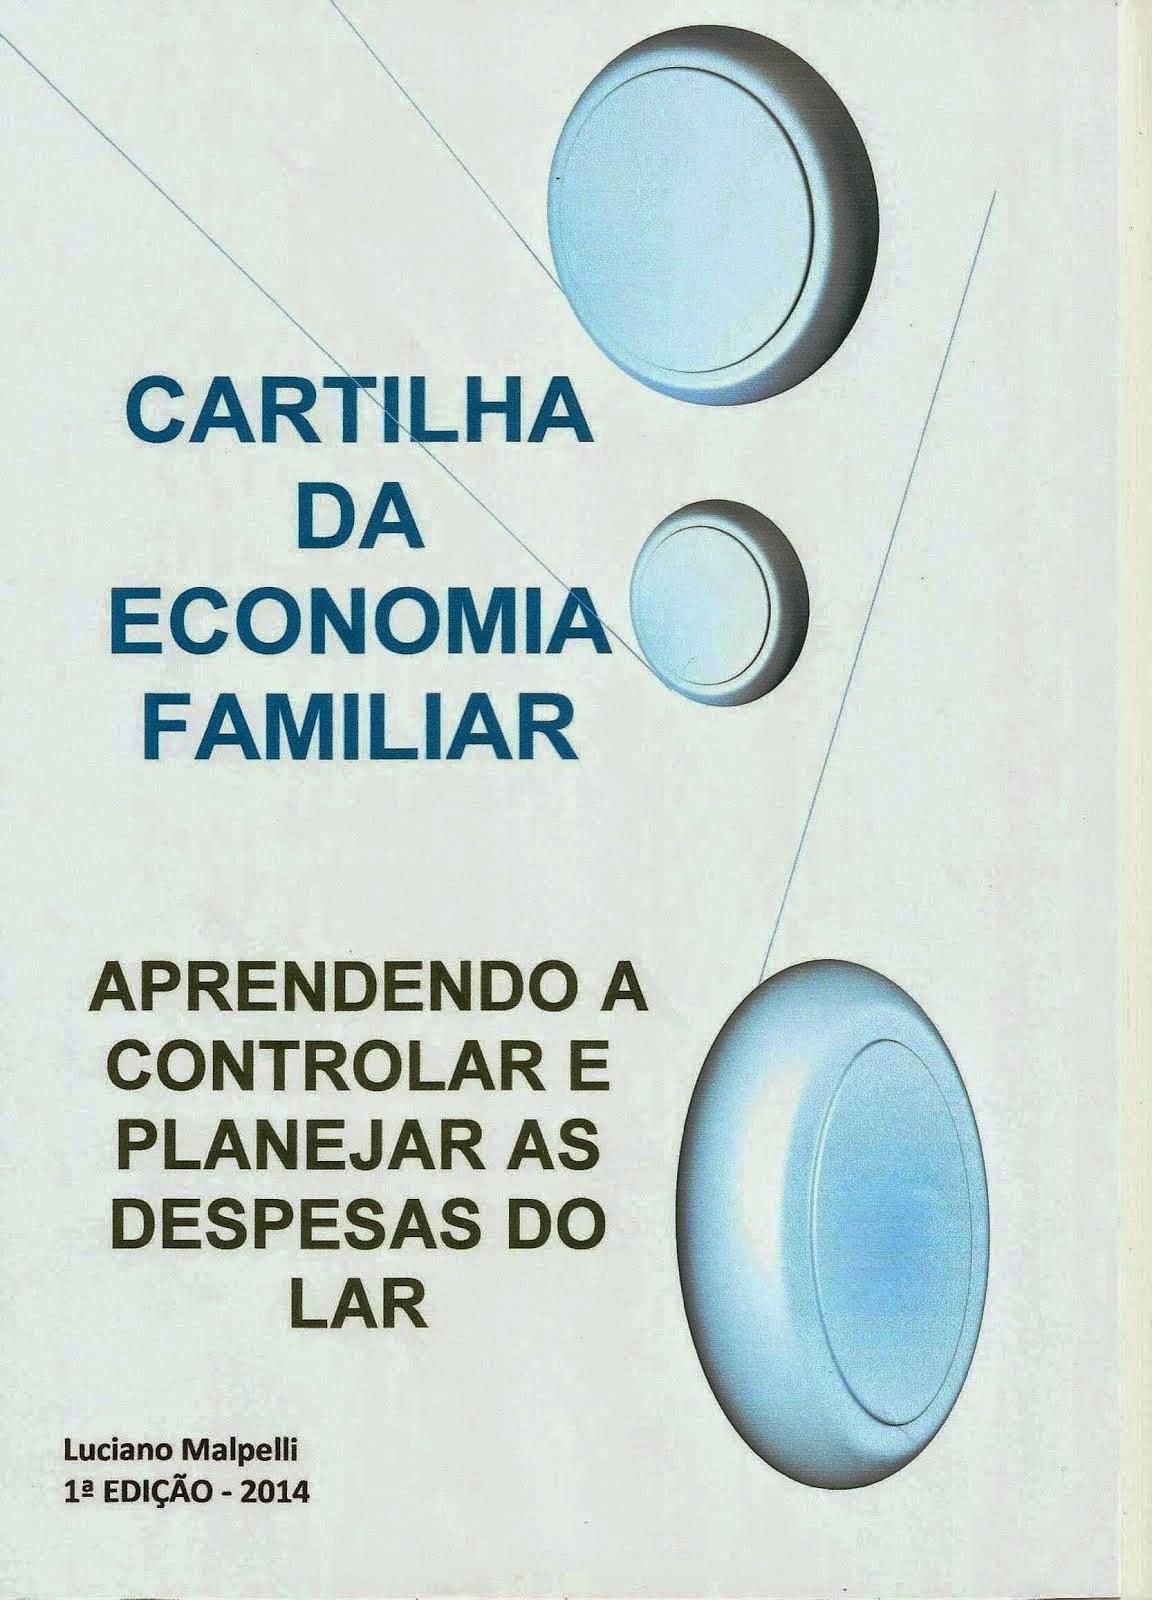 Baixar Aqui: Cartilha Economia Familiar!